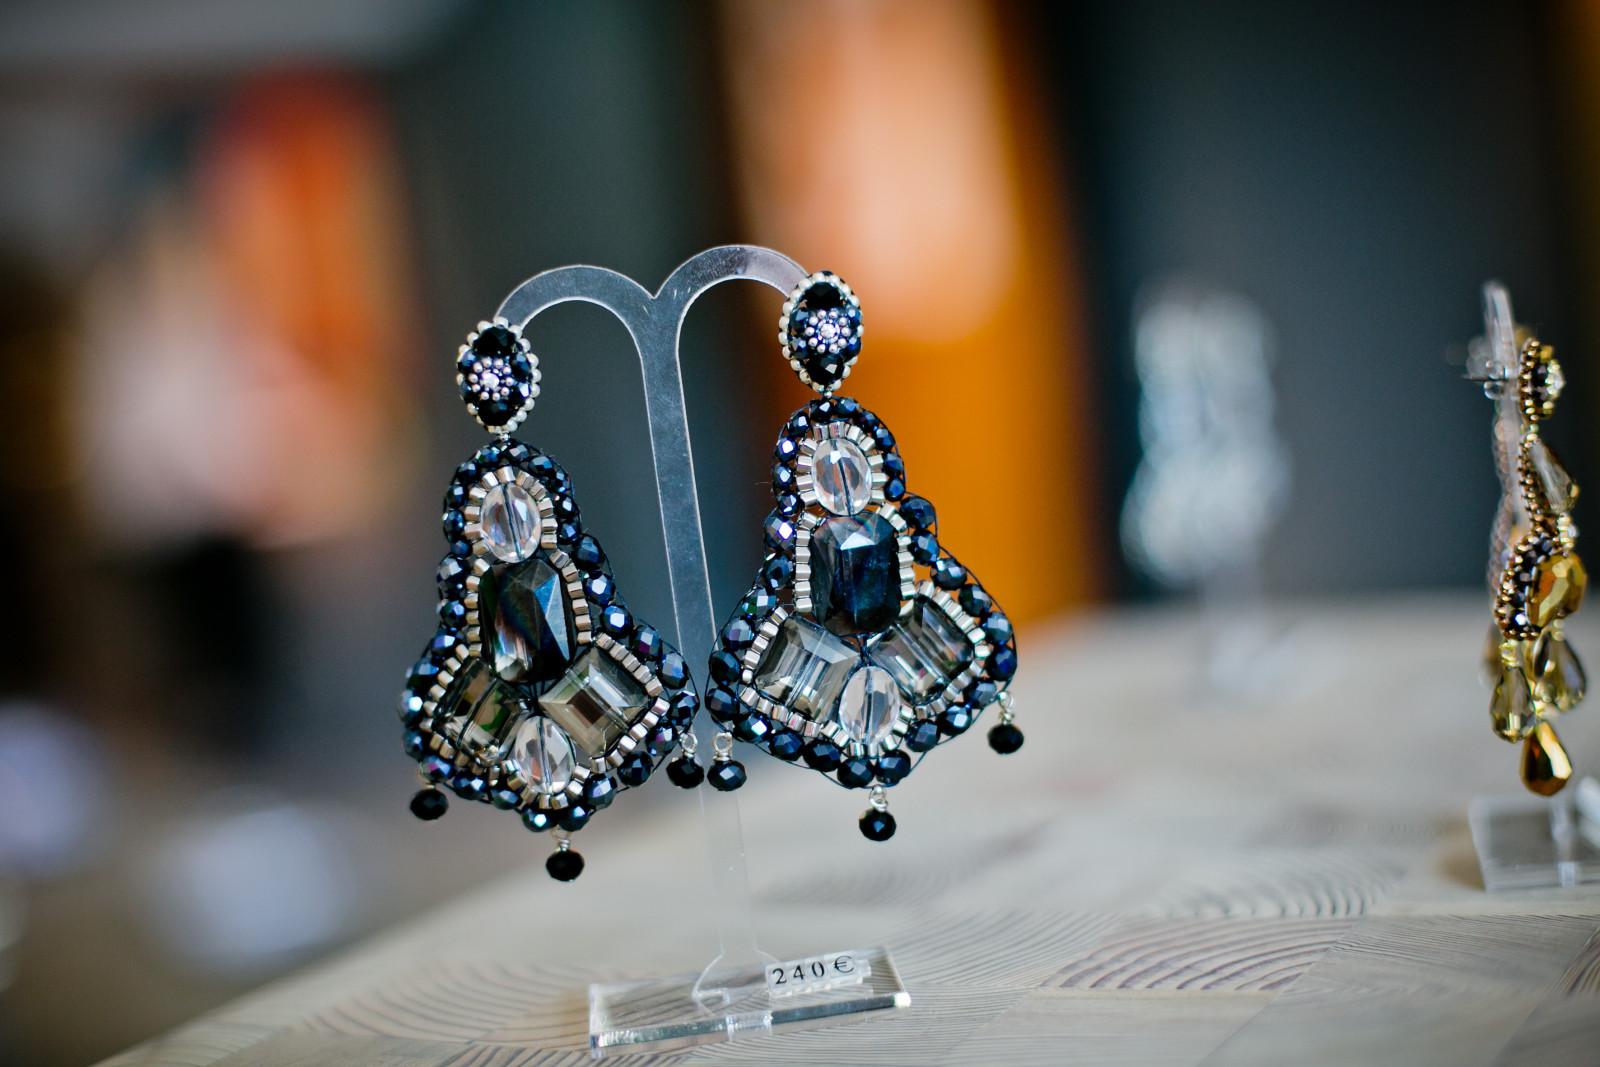 Maschalina arbeitet mit Swarovski Perlen